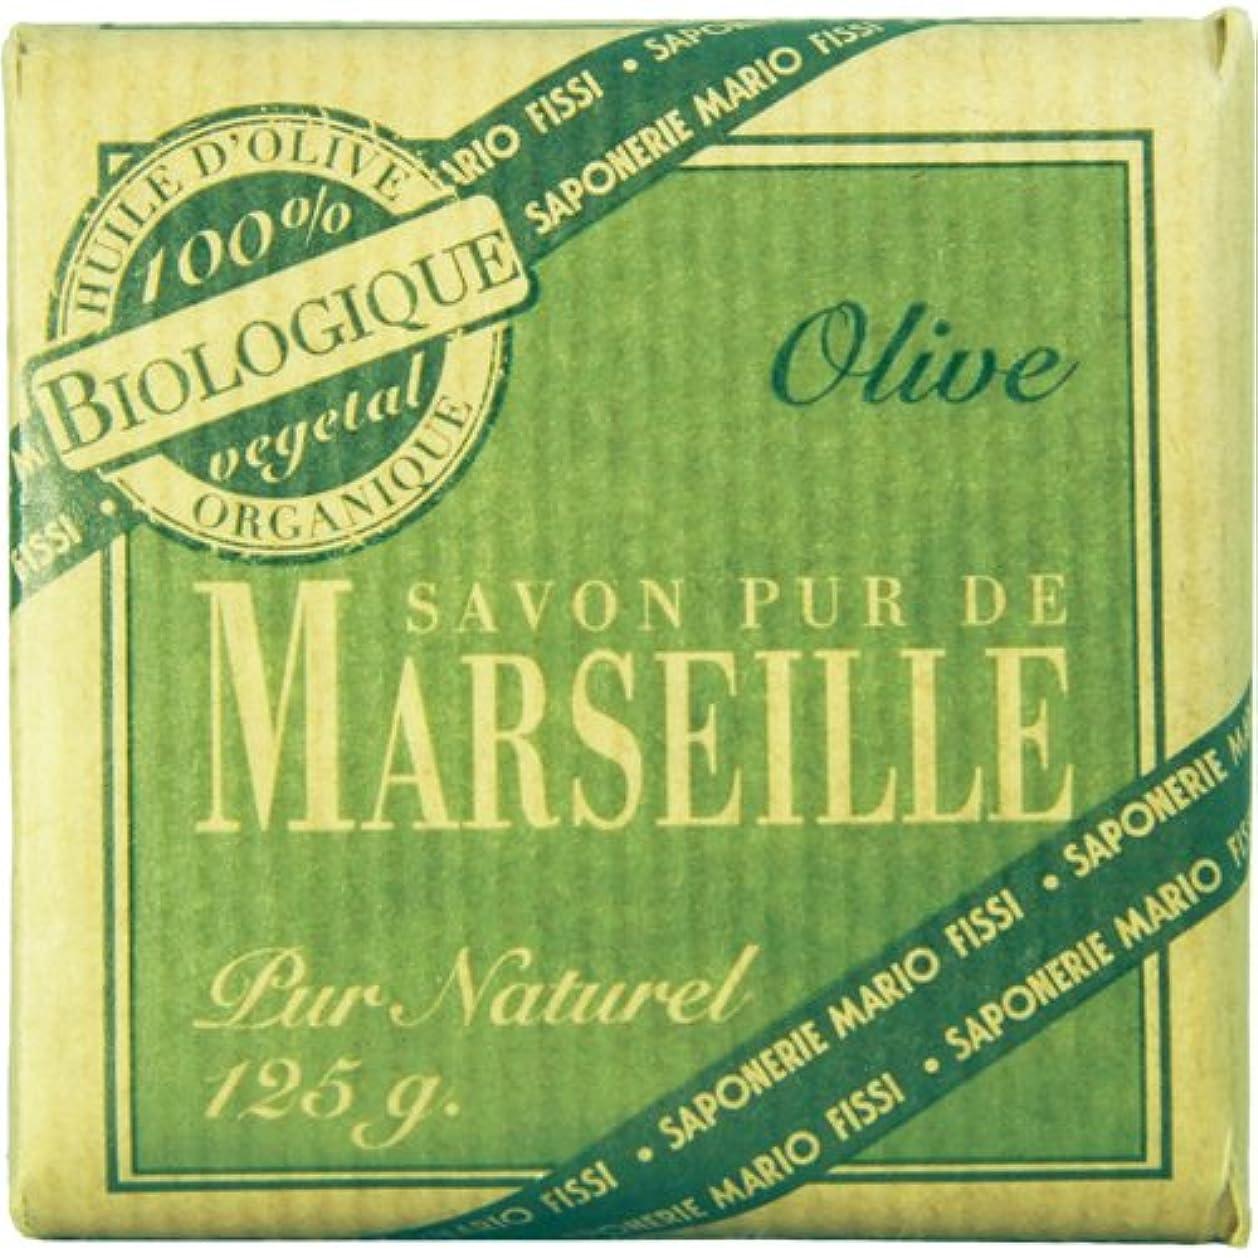 あいまいさお勧め他の場所Saponerire Fissi マルセイユシリーズ マルセイユソープ 125g Olive オリーブ